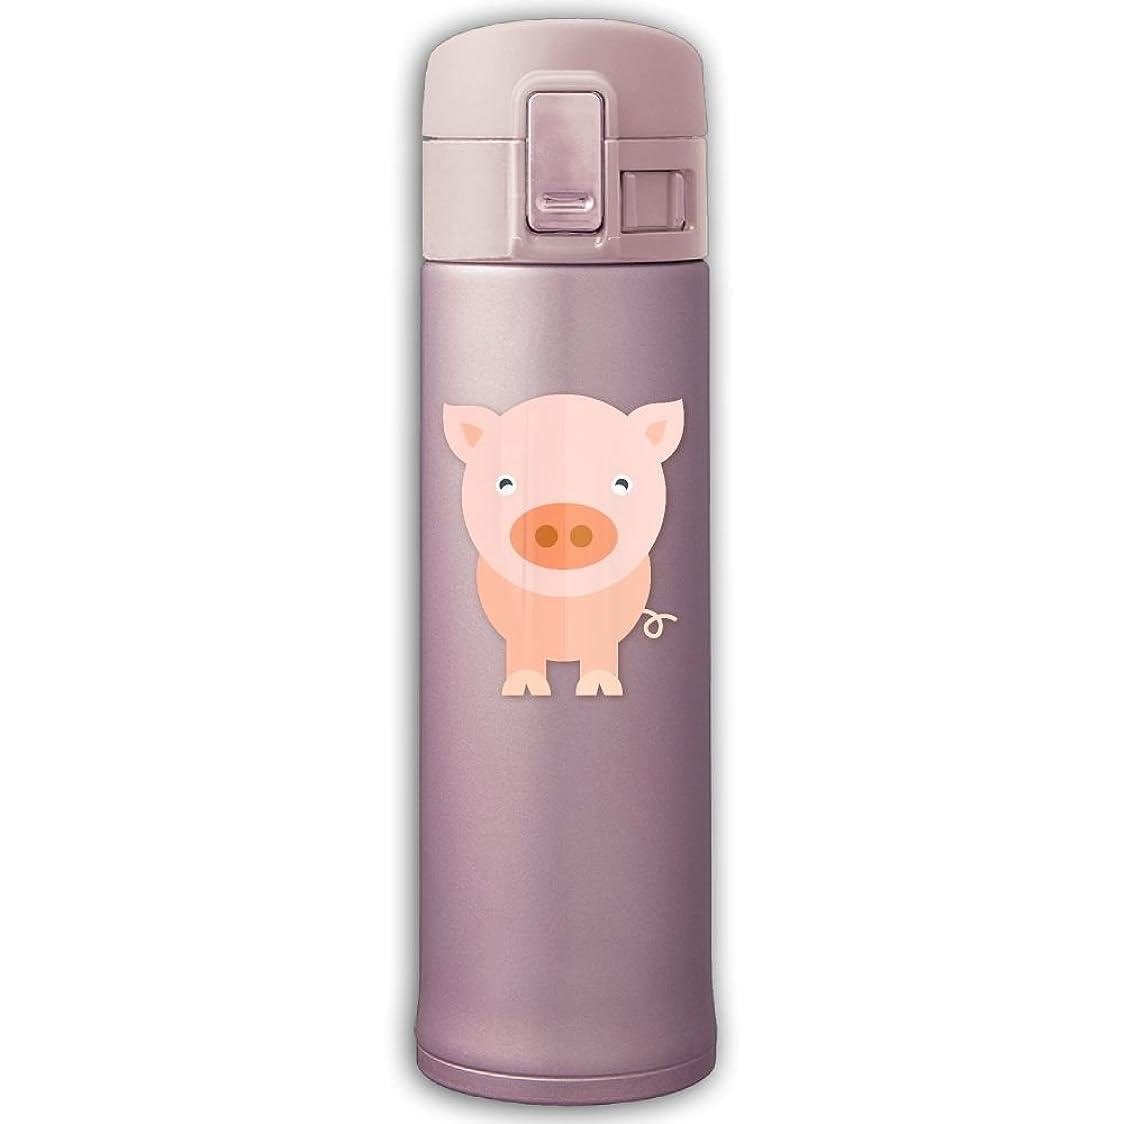 依存するスケート火TRAMST 水筒 直飲み 動物 豚 ピンク かわいい ワンタッチマグカップ 500ml ステンレス製 ロック付き ステンレスボトル 魔法瓶 ワンタッチオープン ワンタッチマグボトル 保温 すいとう 4カラー